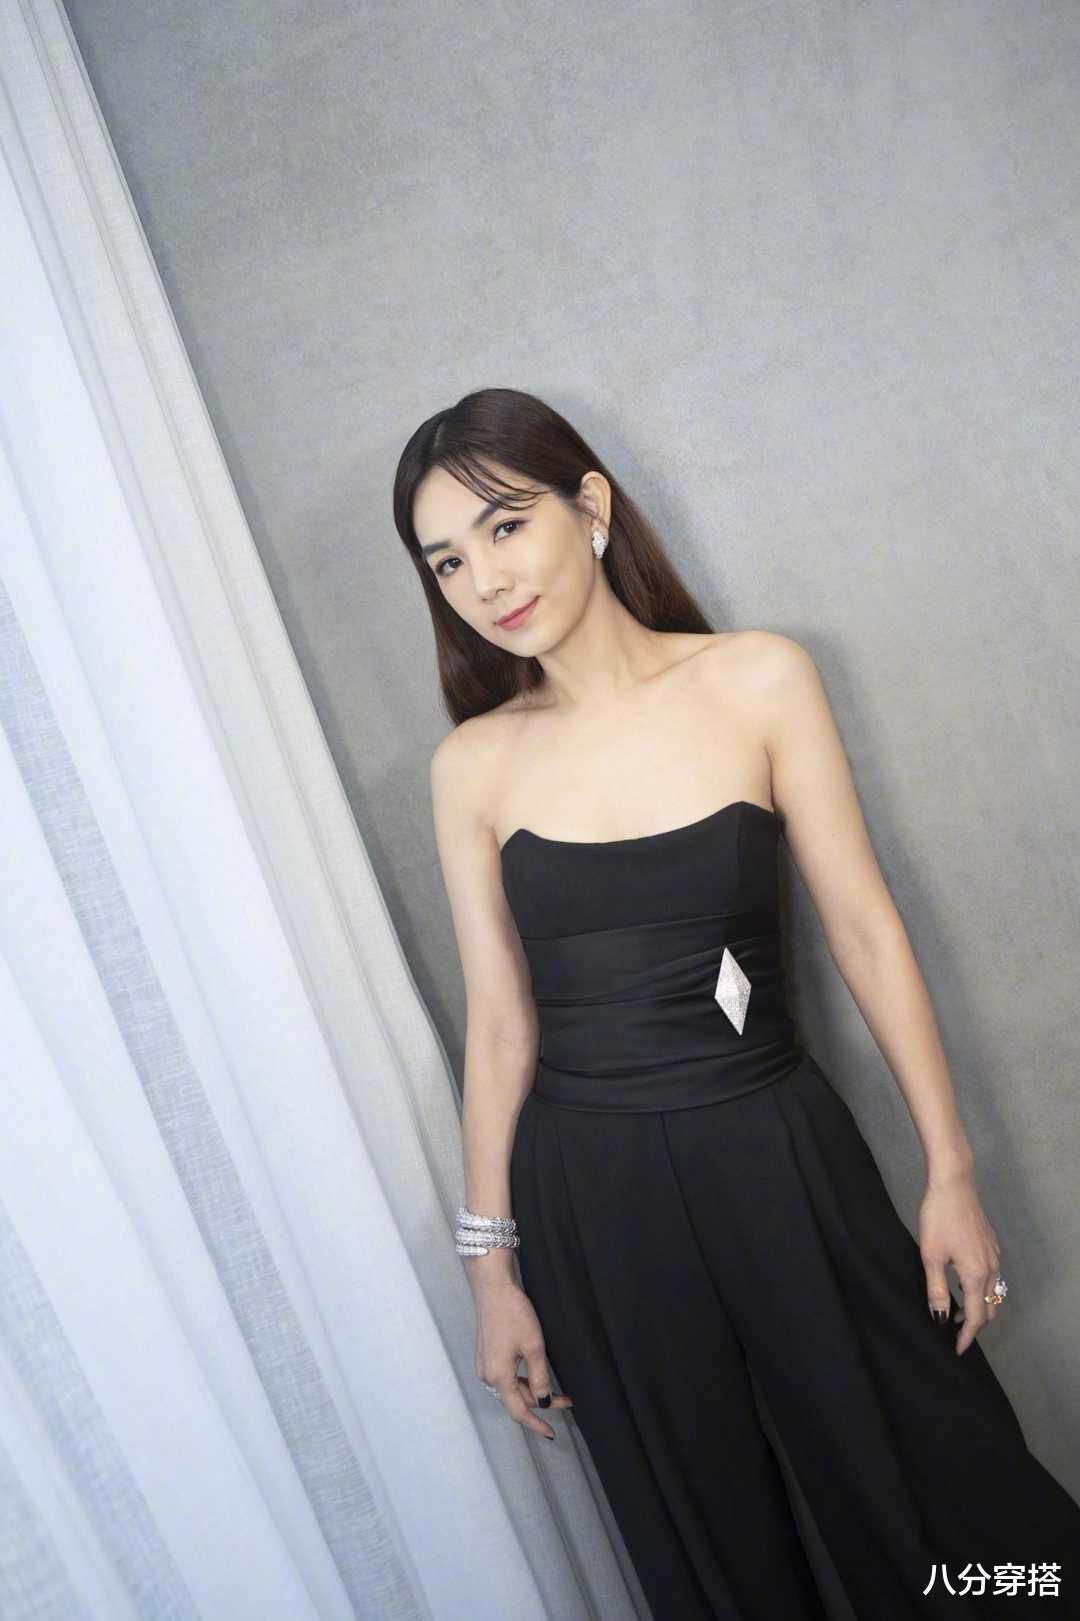 Ella陳嘉樺坐豪車亮相,一襲黑色抹胸連體褲,二八比例太驚艷-圖5